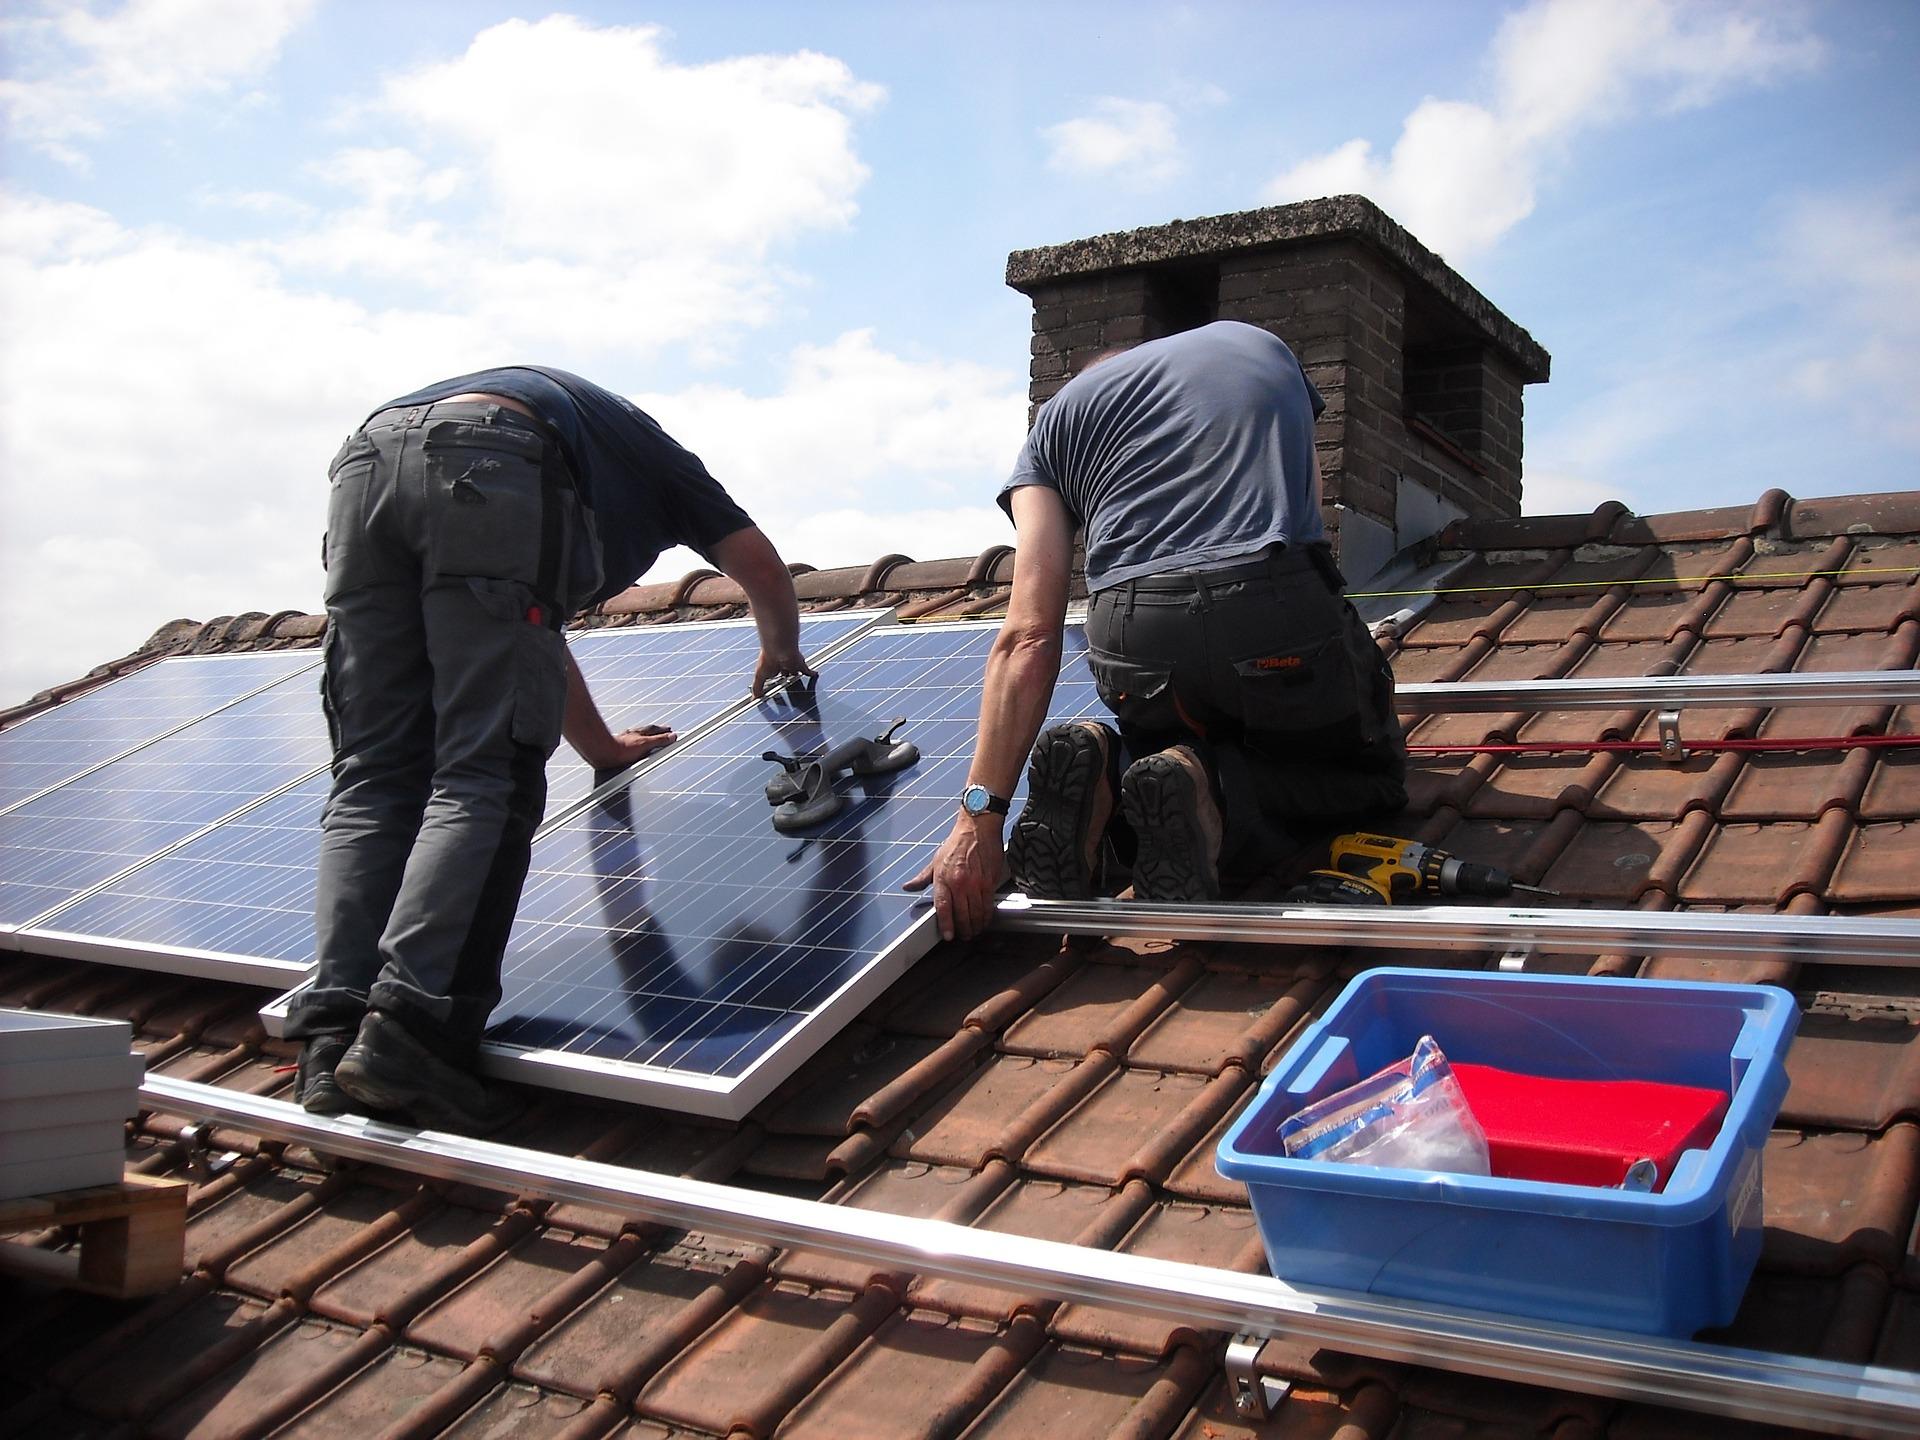 אנרגיה מתחדשת: הכל על לוחות סולאריים בבתים פרטיים